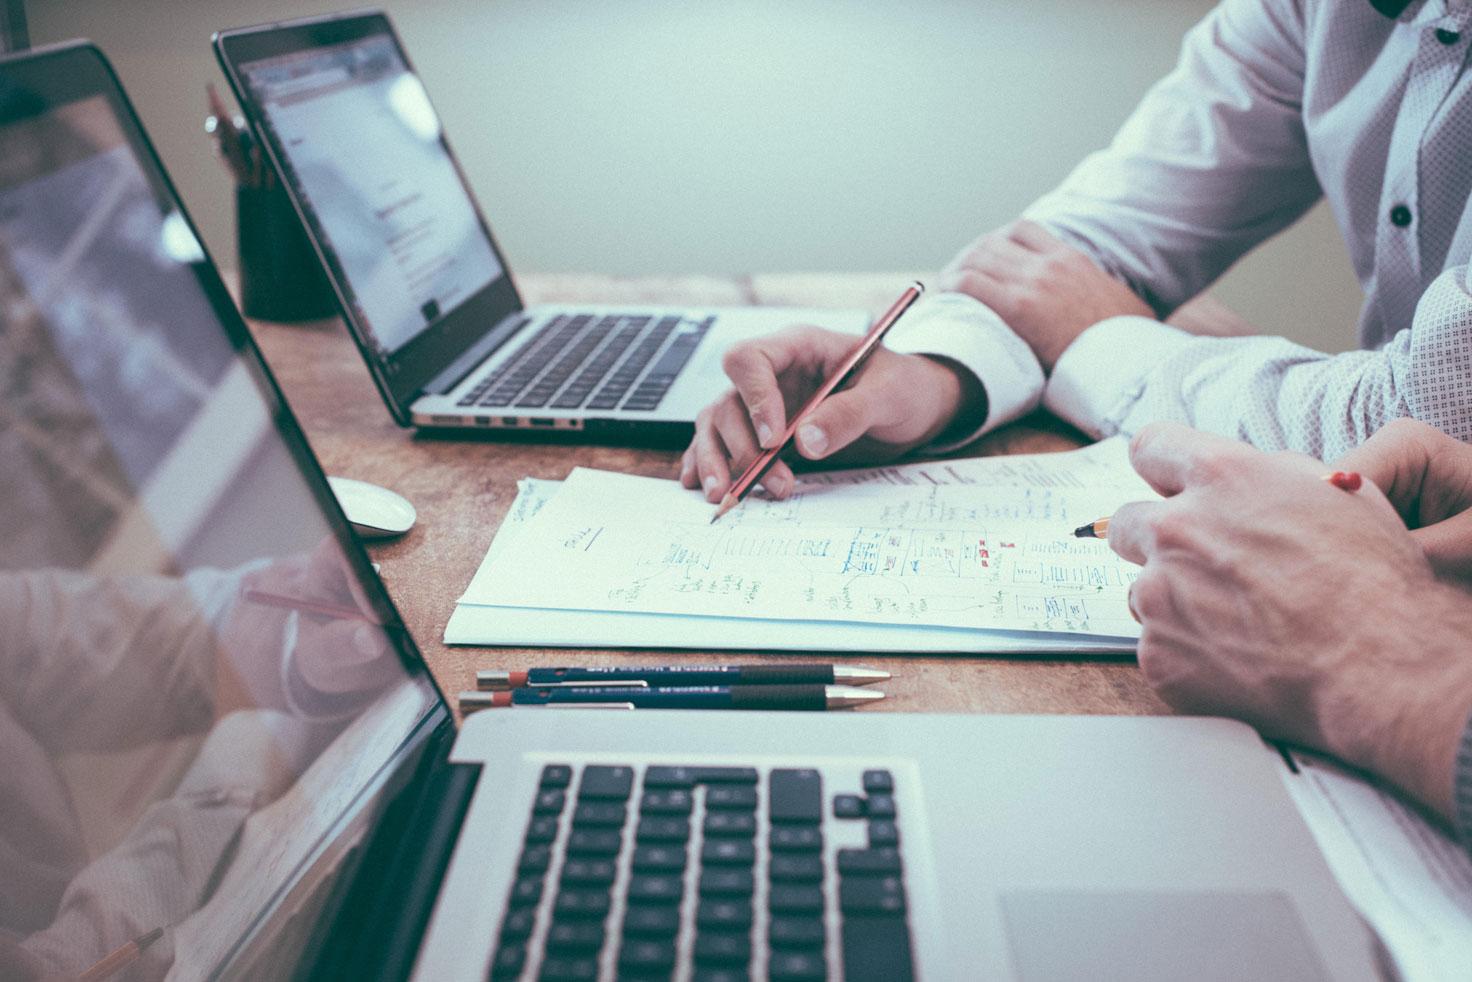 Analisi SWOT: stima delle Opportunità attraverso strumenti quantitativi e Business Analysis